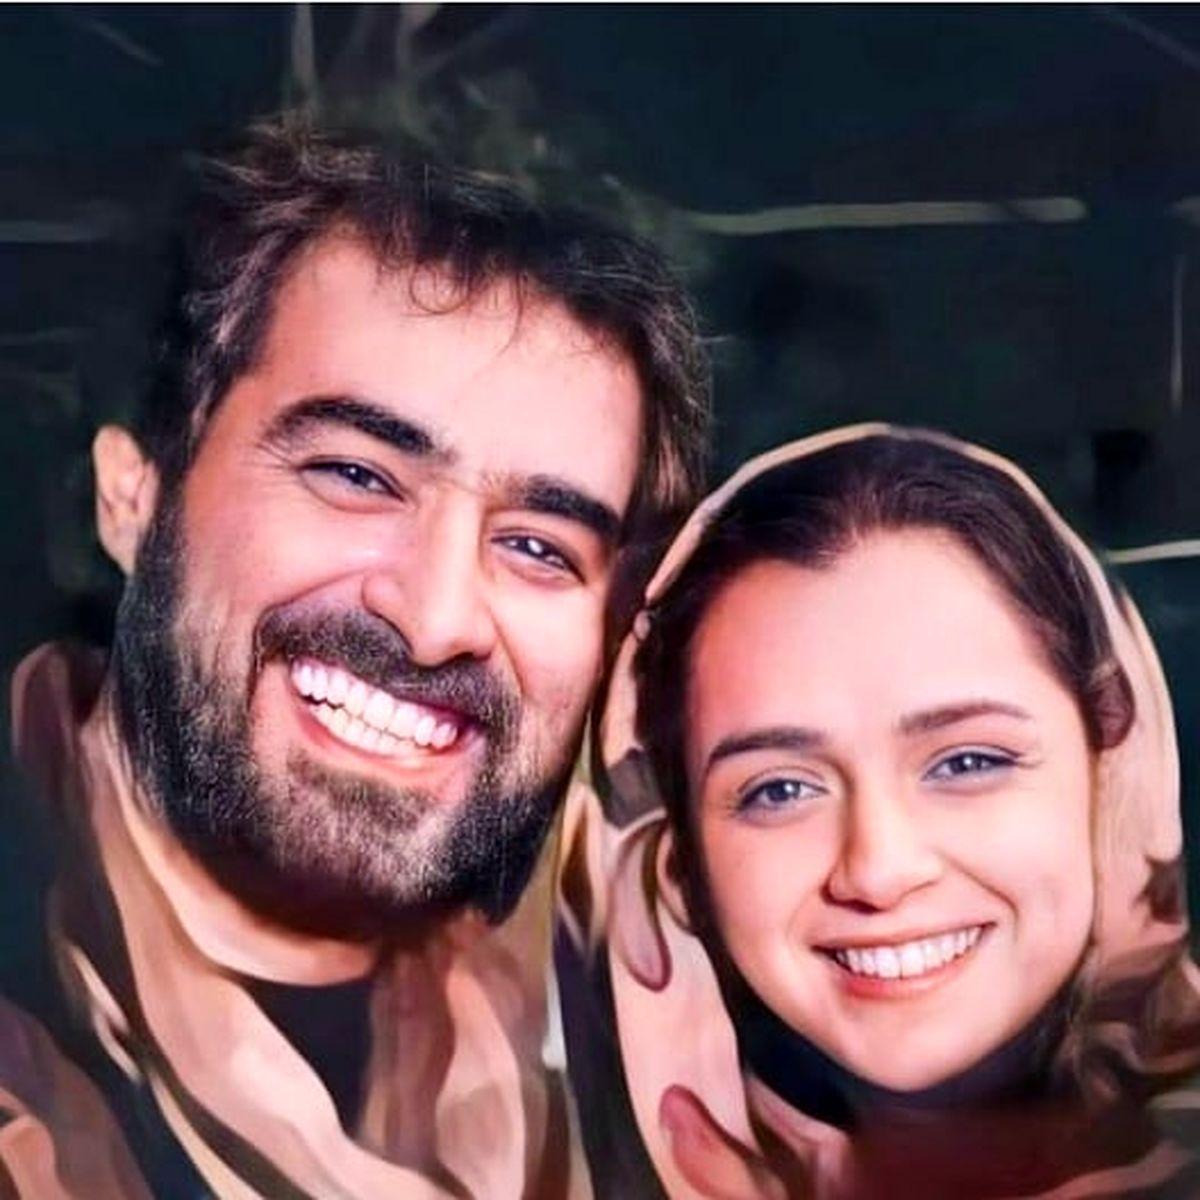 ژستِ ناجور شهاب حسینی با خانم بازیگر!+عکس